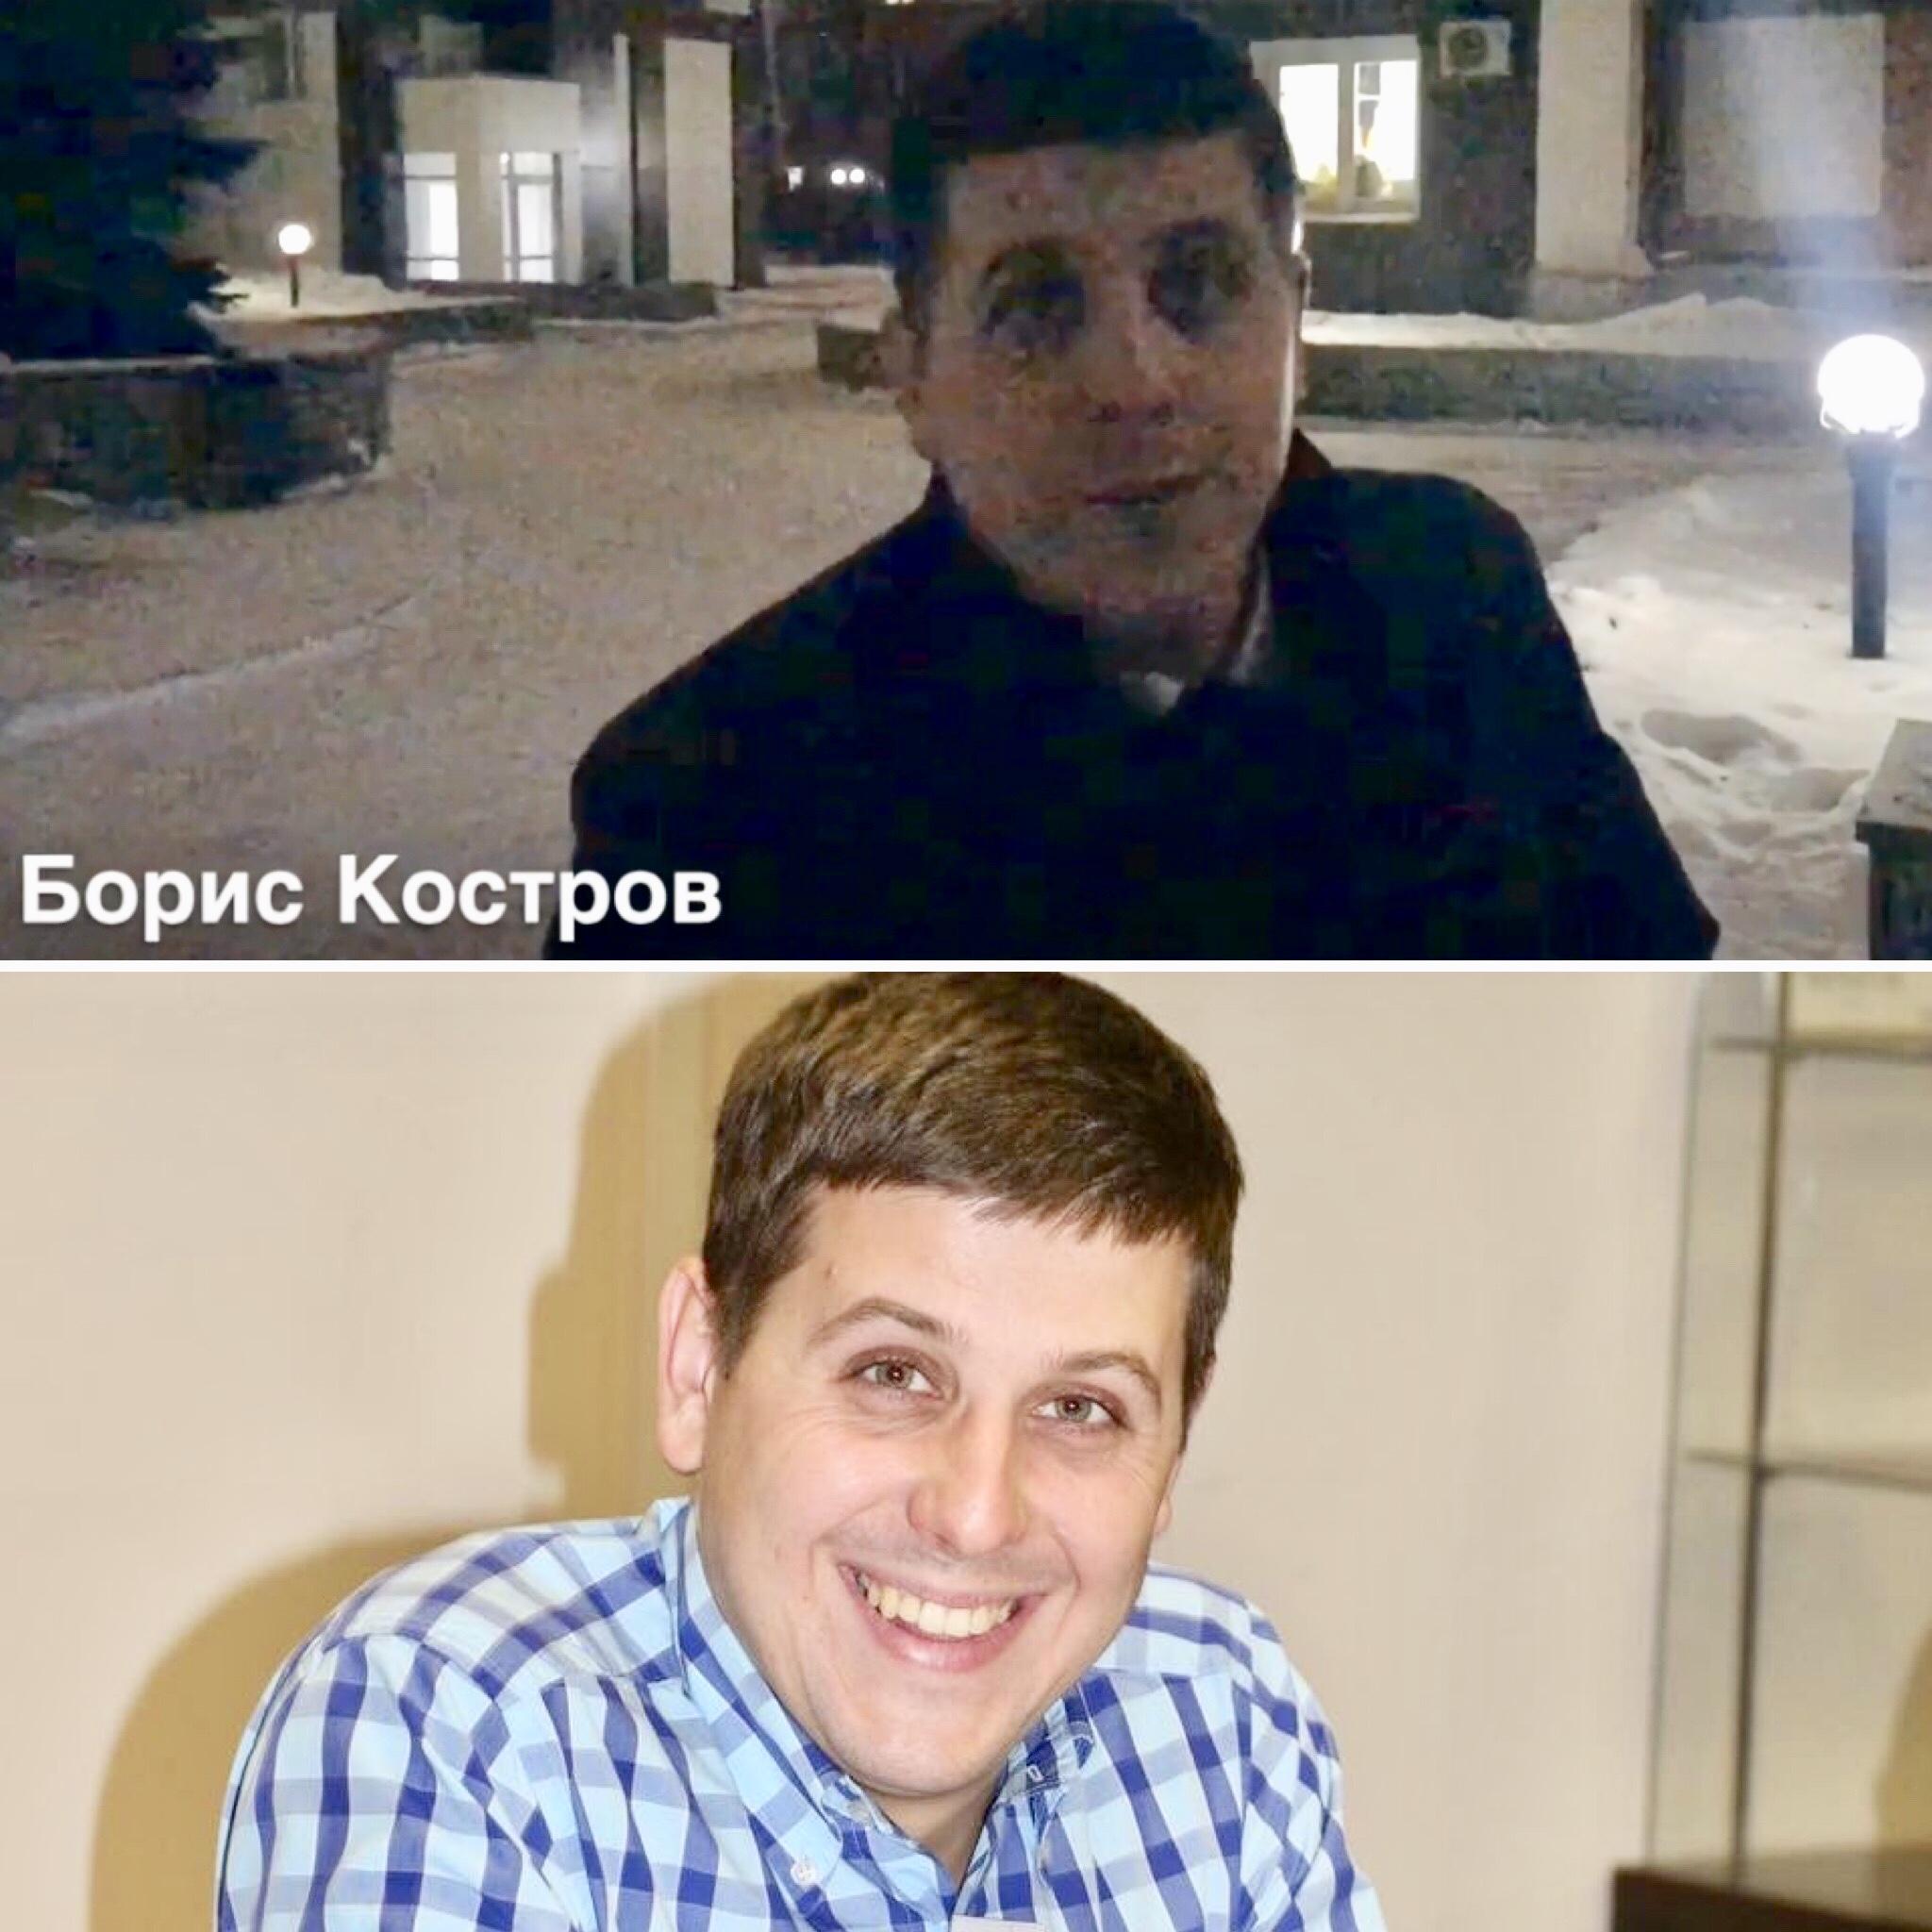 Борис Костров